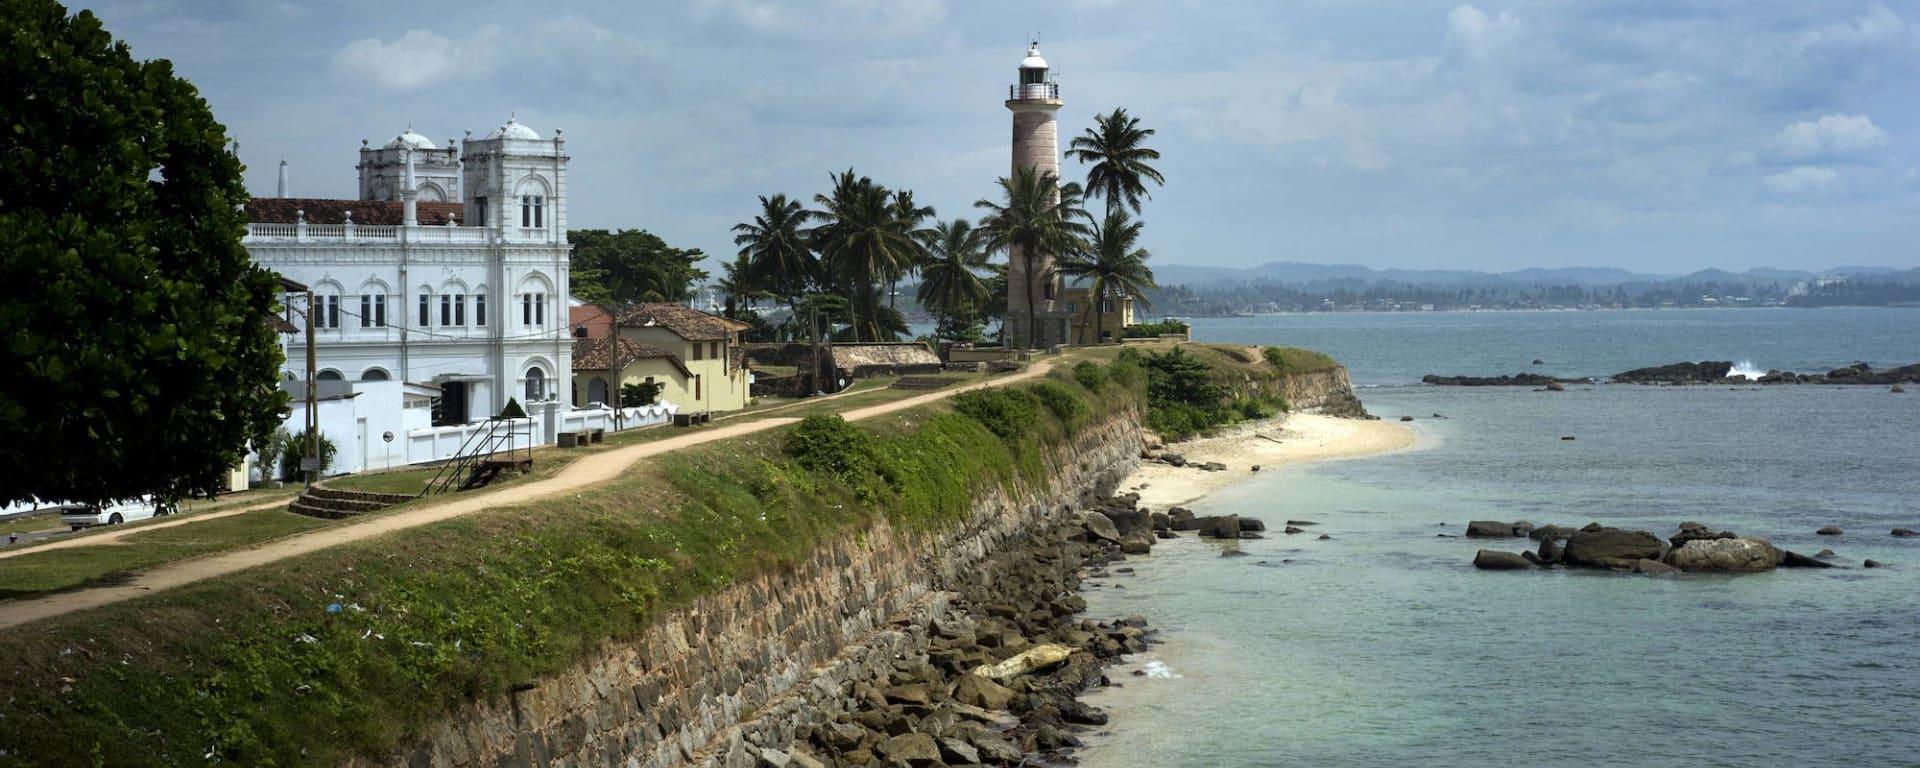 Le Sri Lanka pour les fins connaisseurs de Colombo: Galle with watchtower